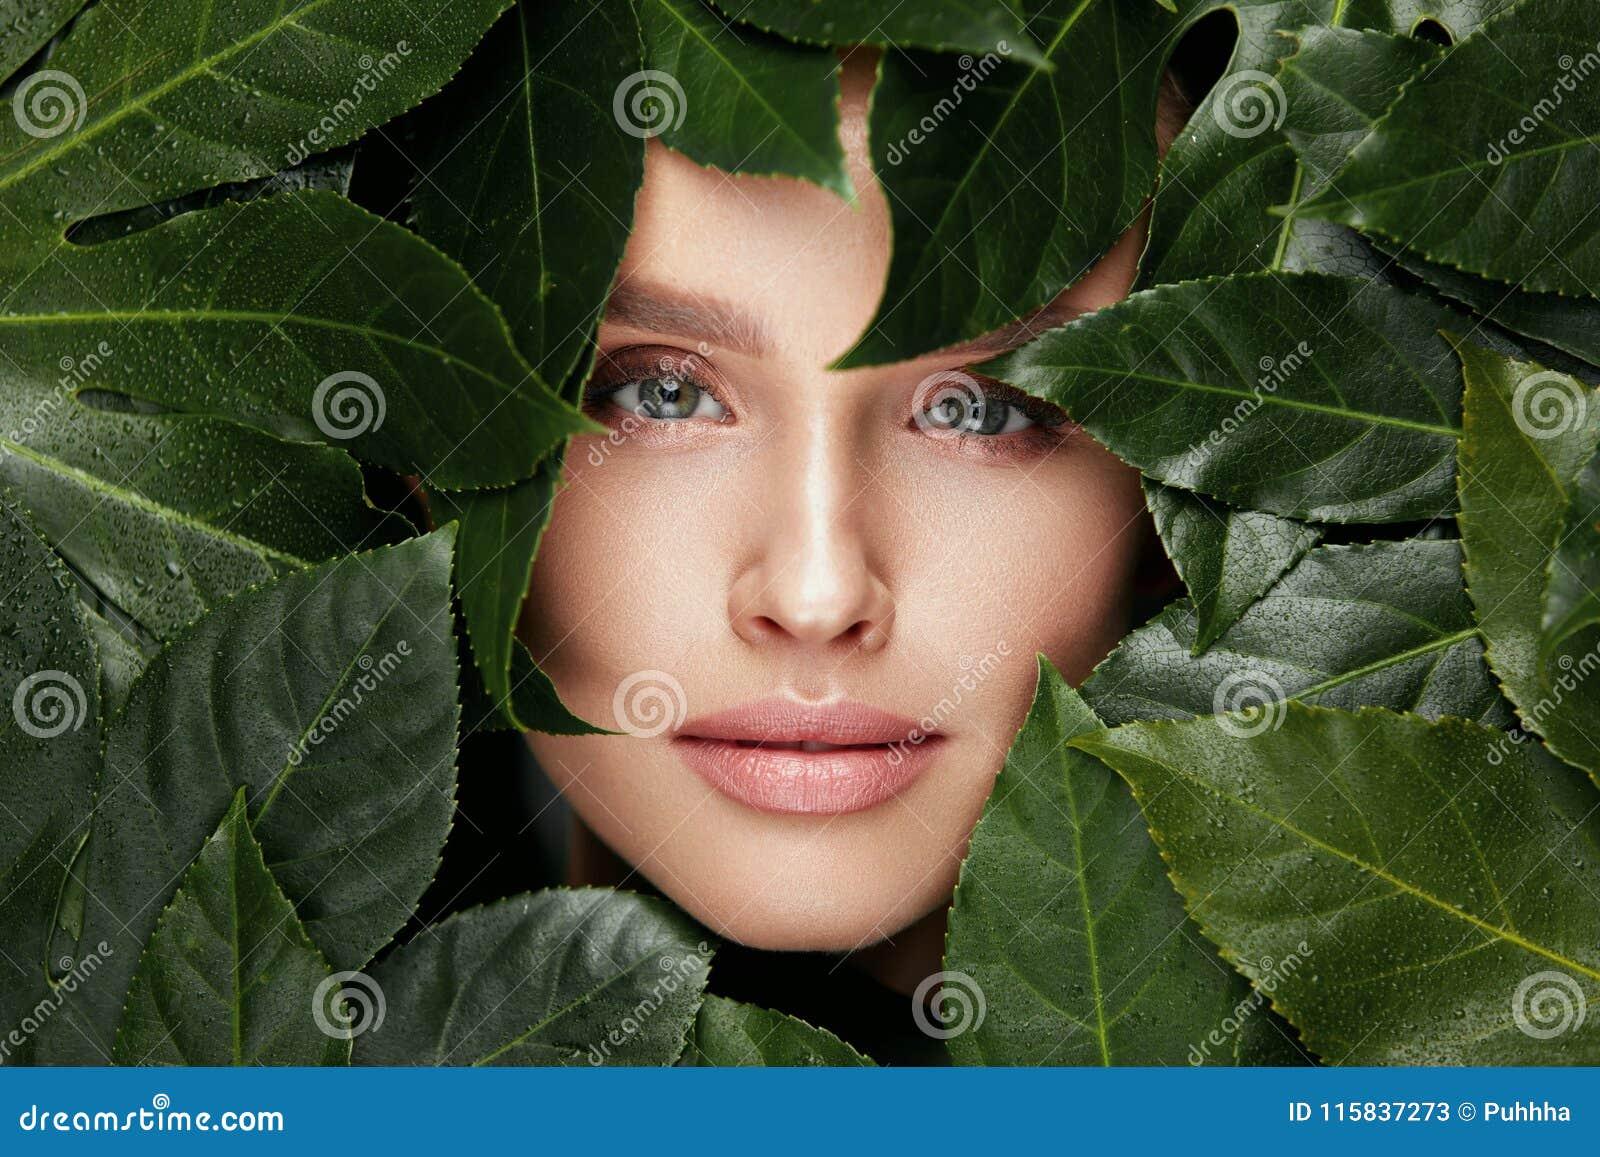 Bellezza naturale Bello fronte della donna in foglie verdi